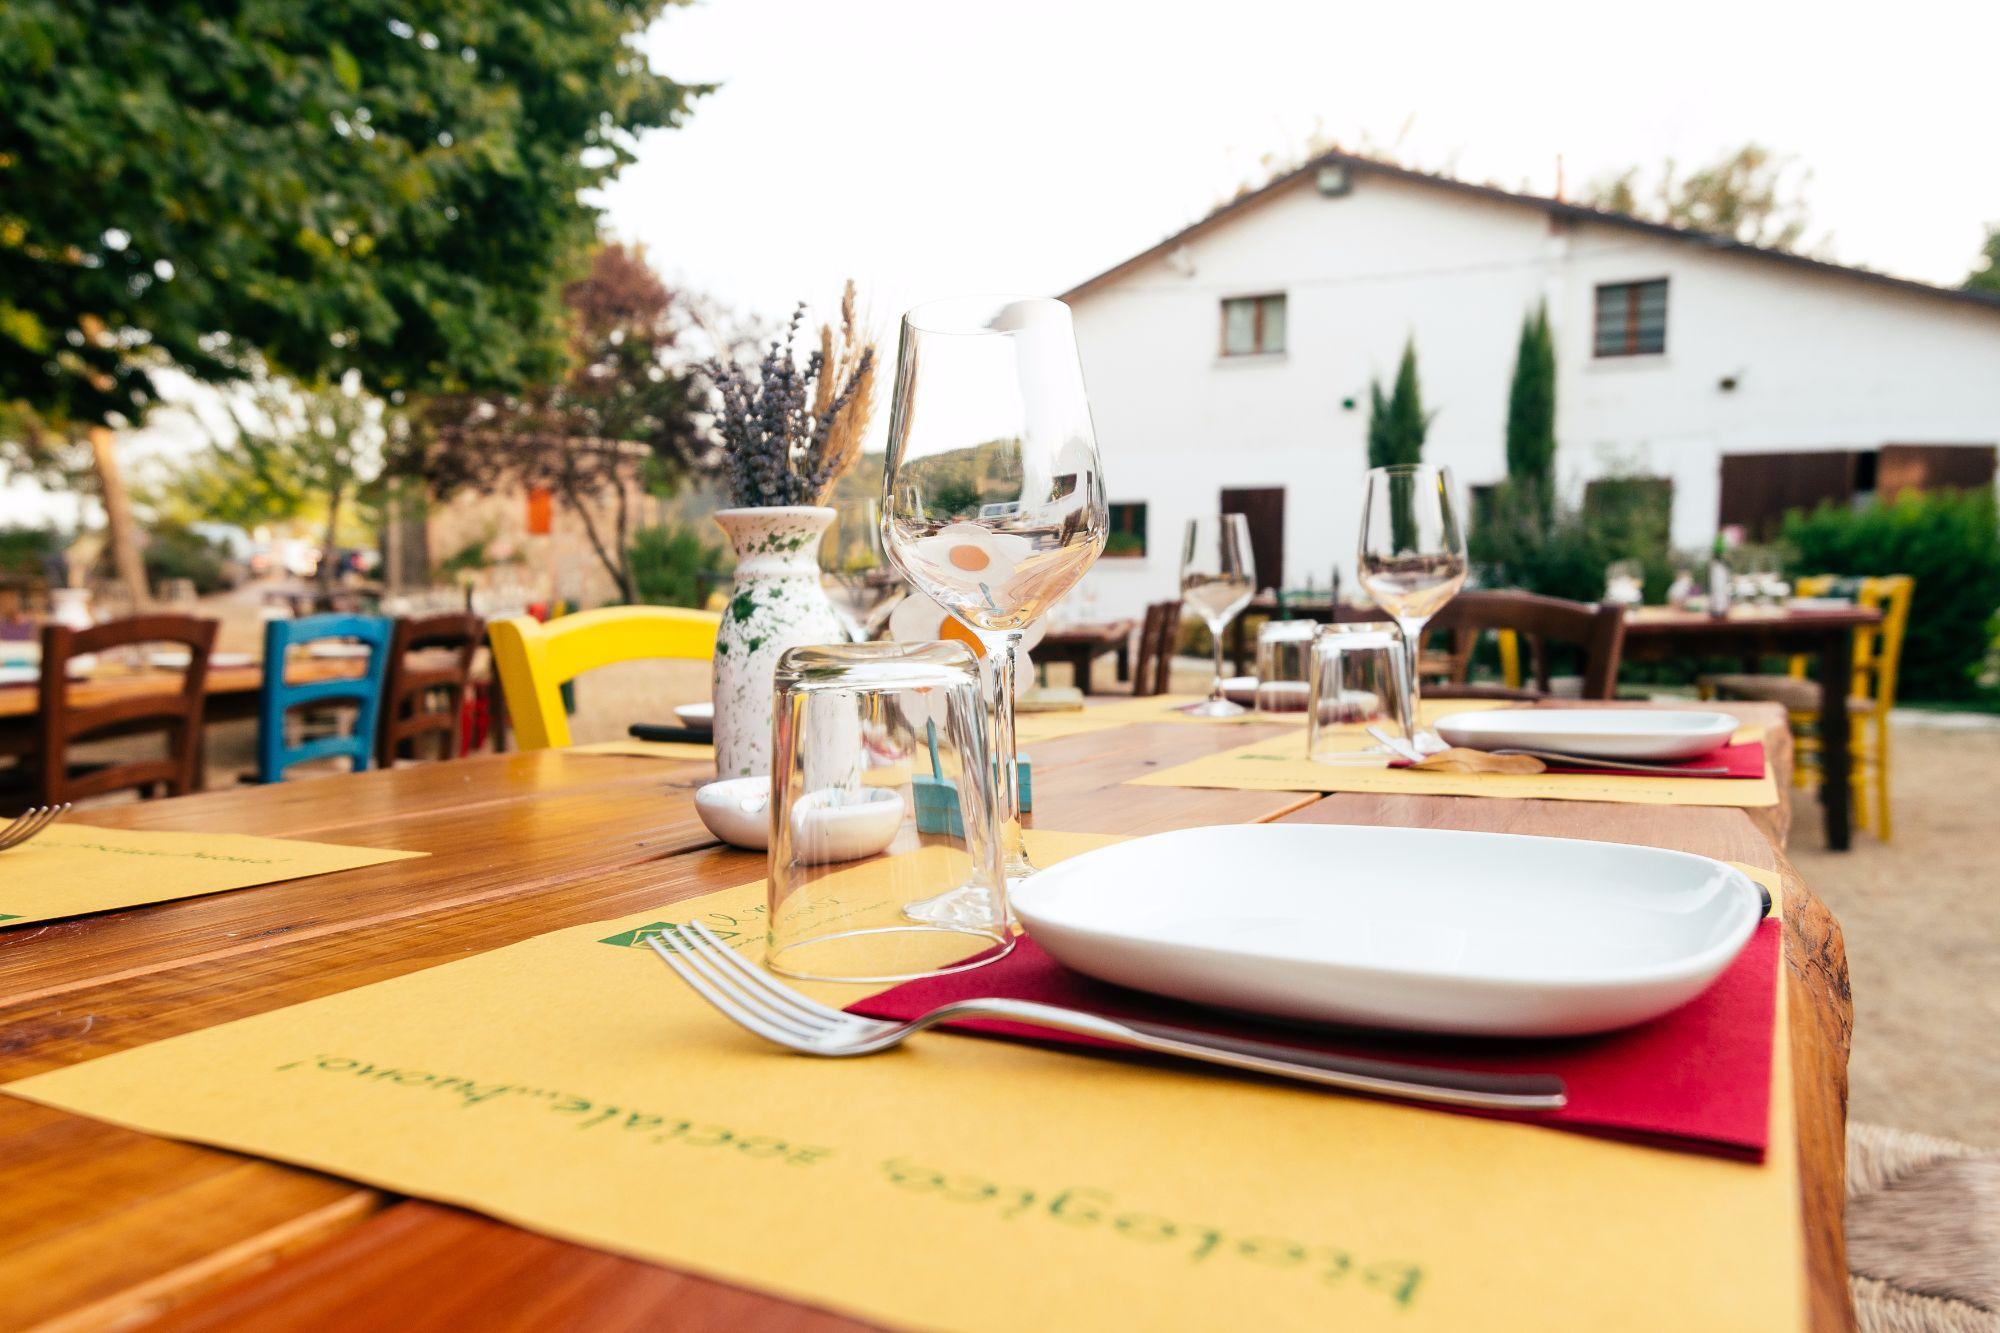 Al Monte bioagriturismo ogni giovedì un menù speciale con prodotti stagionali e dell'Appennino bolognese